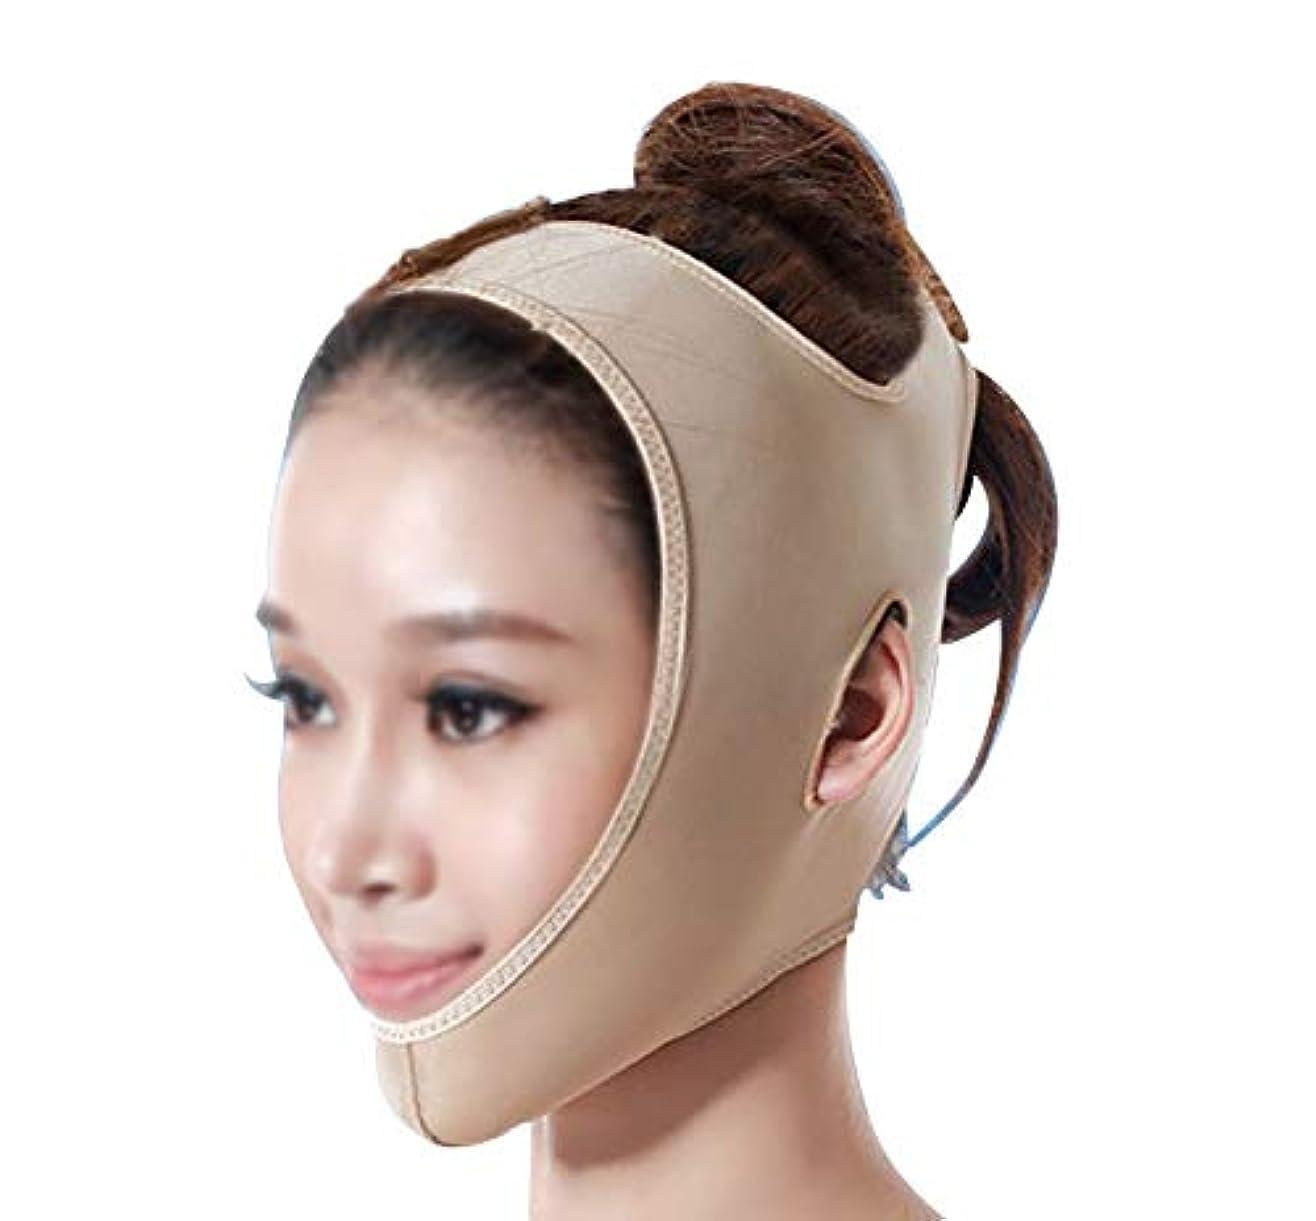 潜在的な嫌いチャットLJK 引き締めフェイスマスク、フェイシャルマスク美容医学フェイスマスク美容vフェイス包帯ライン彫刻リフティング引き締めダブルチンマスク (Size : Xl)